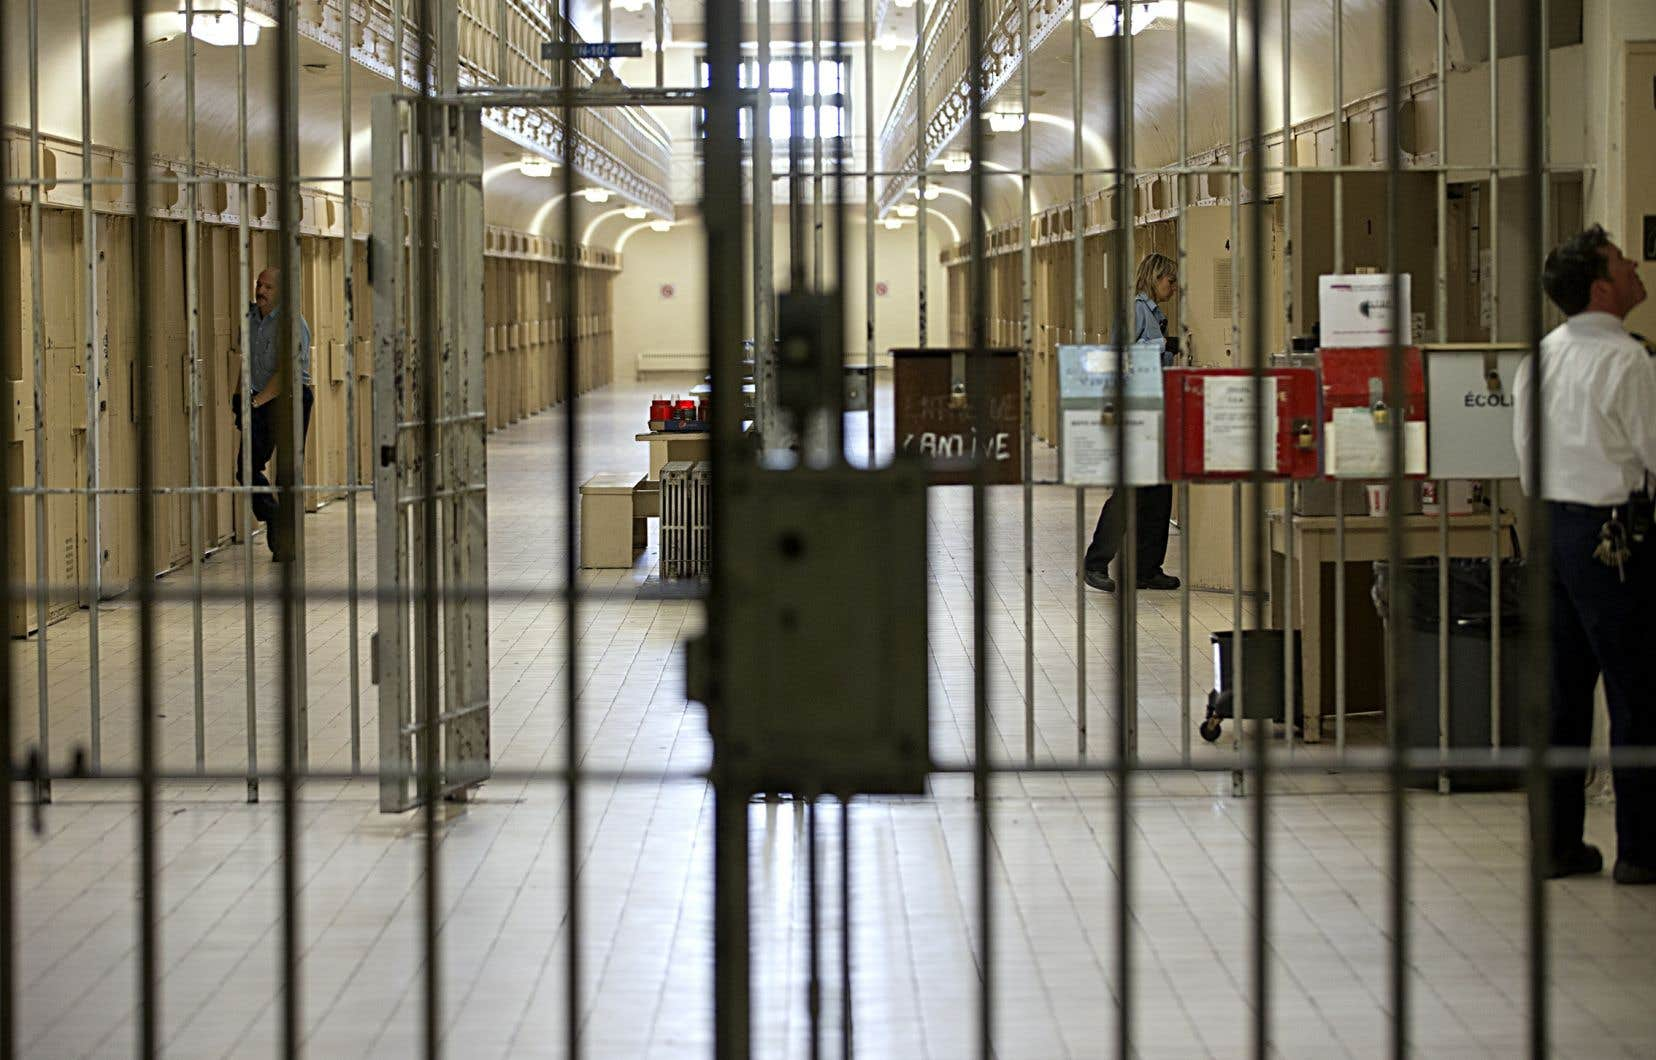 Lors des deux dernières fins de semaine, les établissements de détention avaient accueilli respectivement 520 et 359 détenus.